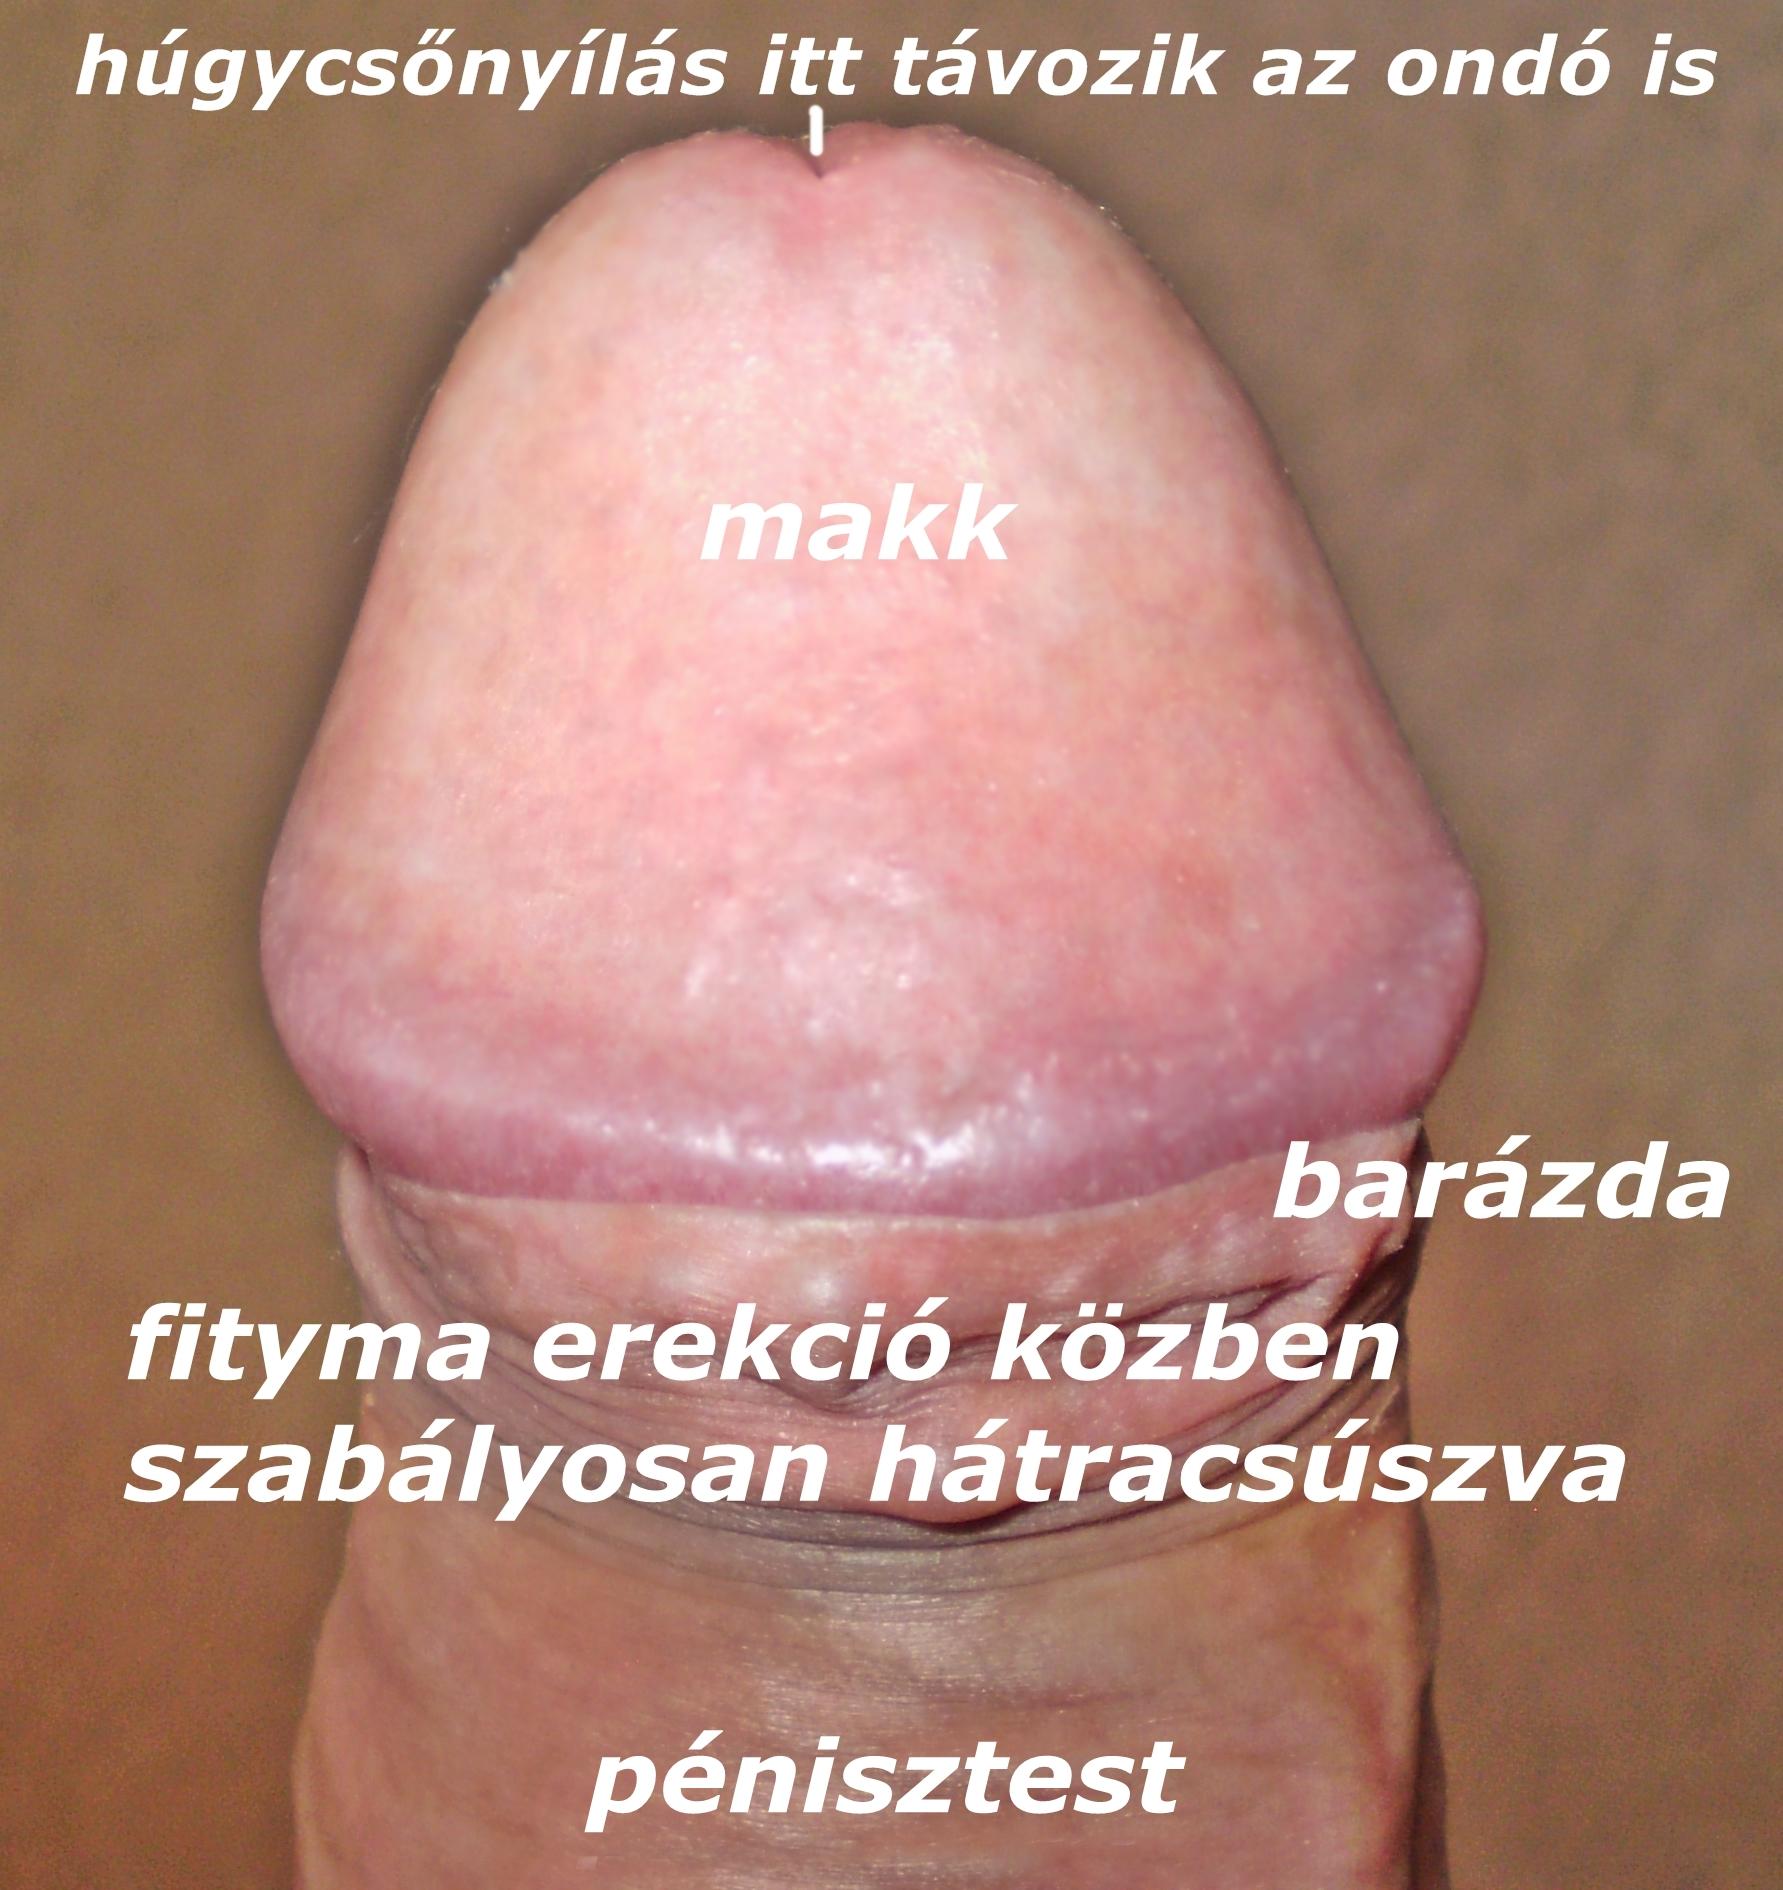 Szemölcsök a fityma férfiaknál, Fertőzések, gyulladások - Potencia Klinika